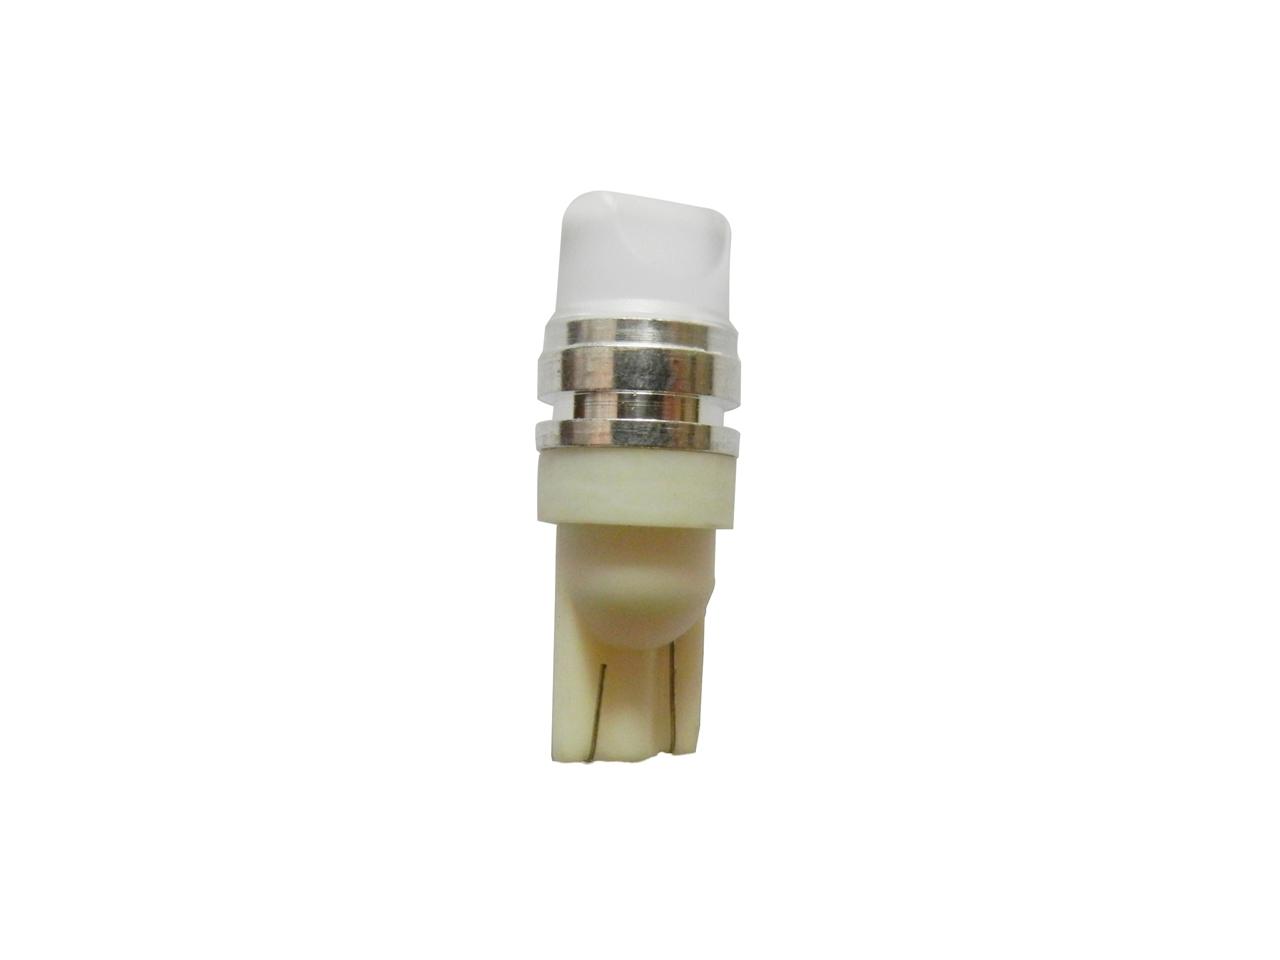 SMD LED Bulb White